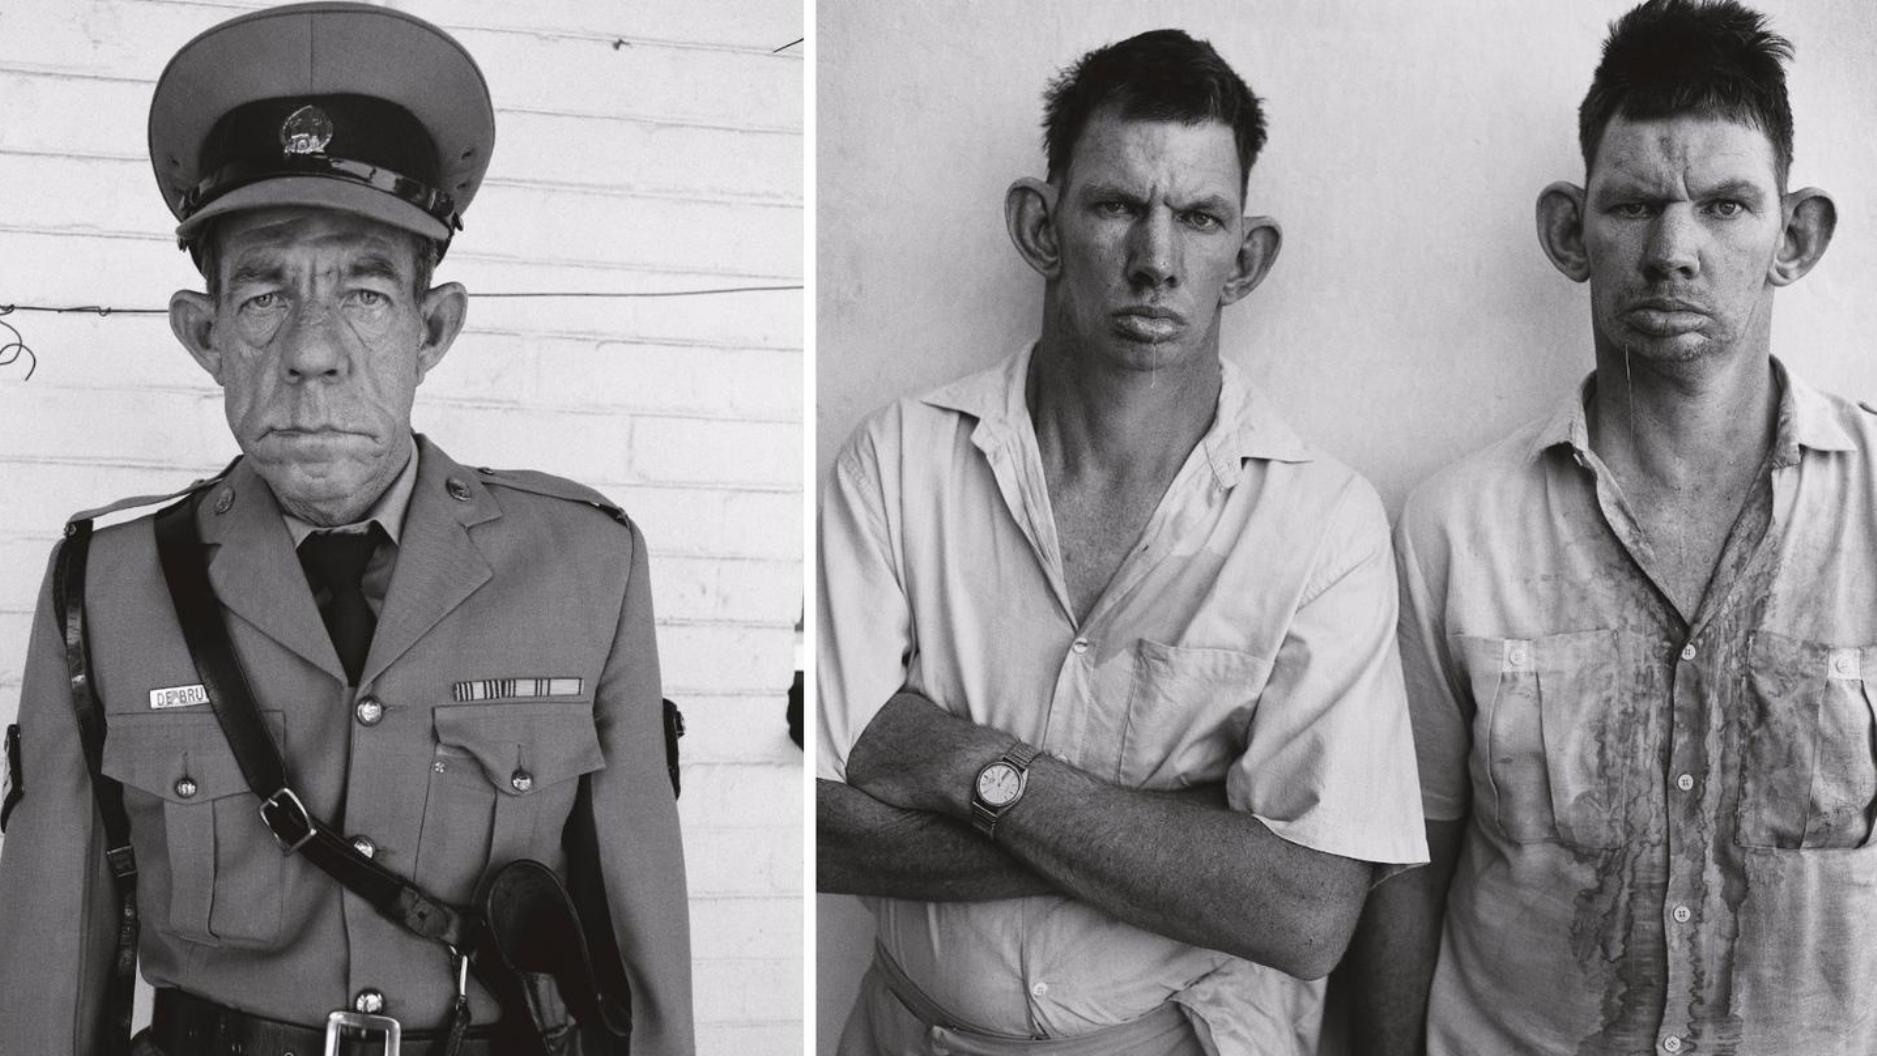 Roger Ballen, Sergeant F. de Bruin,  Department of Prisons Employee,  Orange Free State, 1992 ; Dresie and Casie, Twins, Western Transvaal, 1993. Images publiées avec l'aimable autorisation de l'artiste.